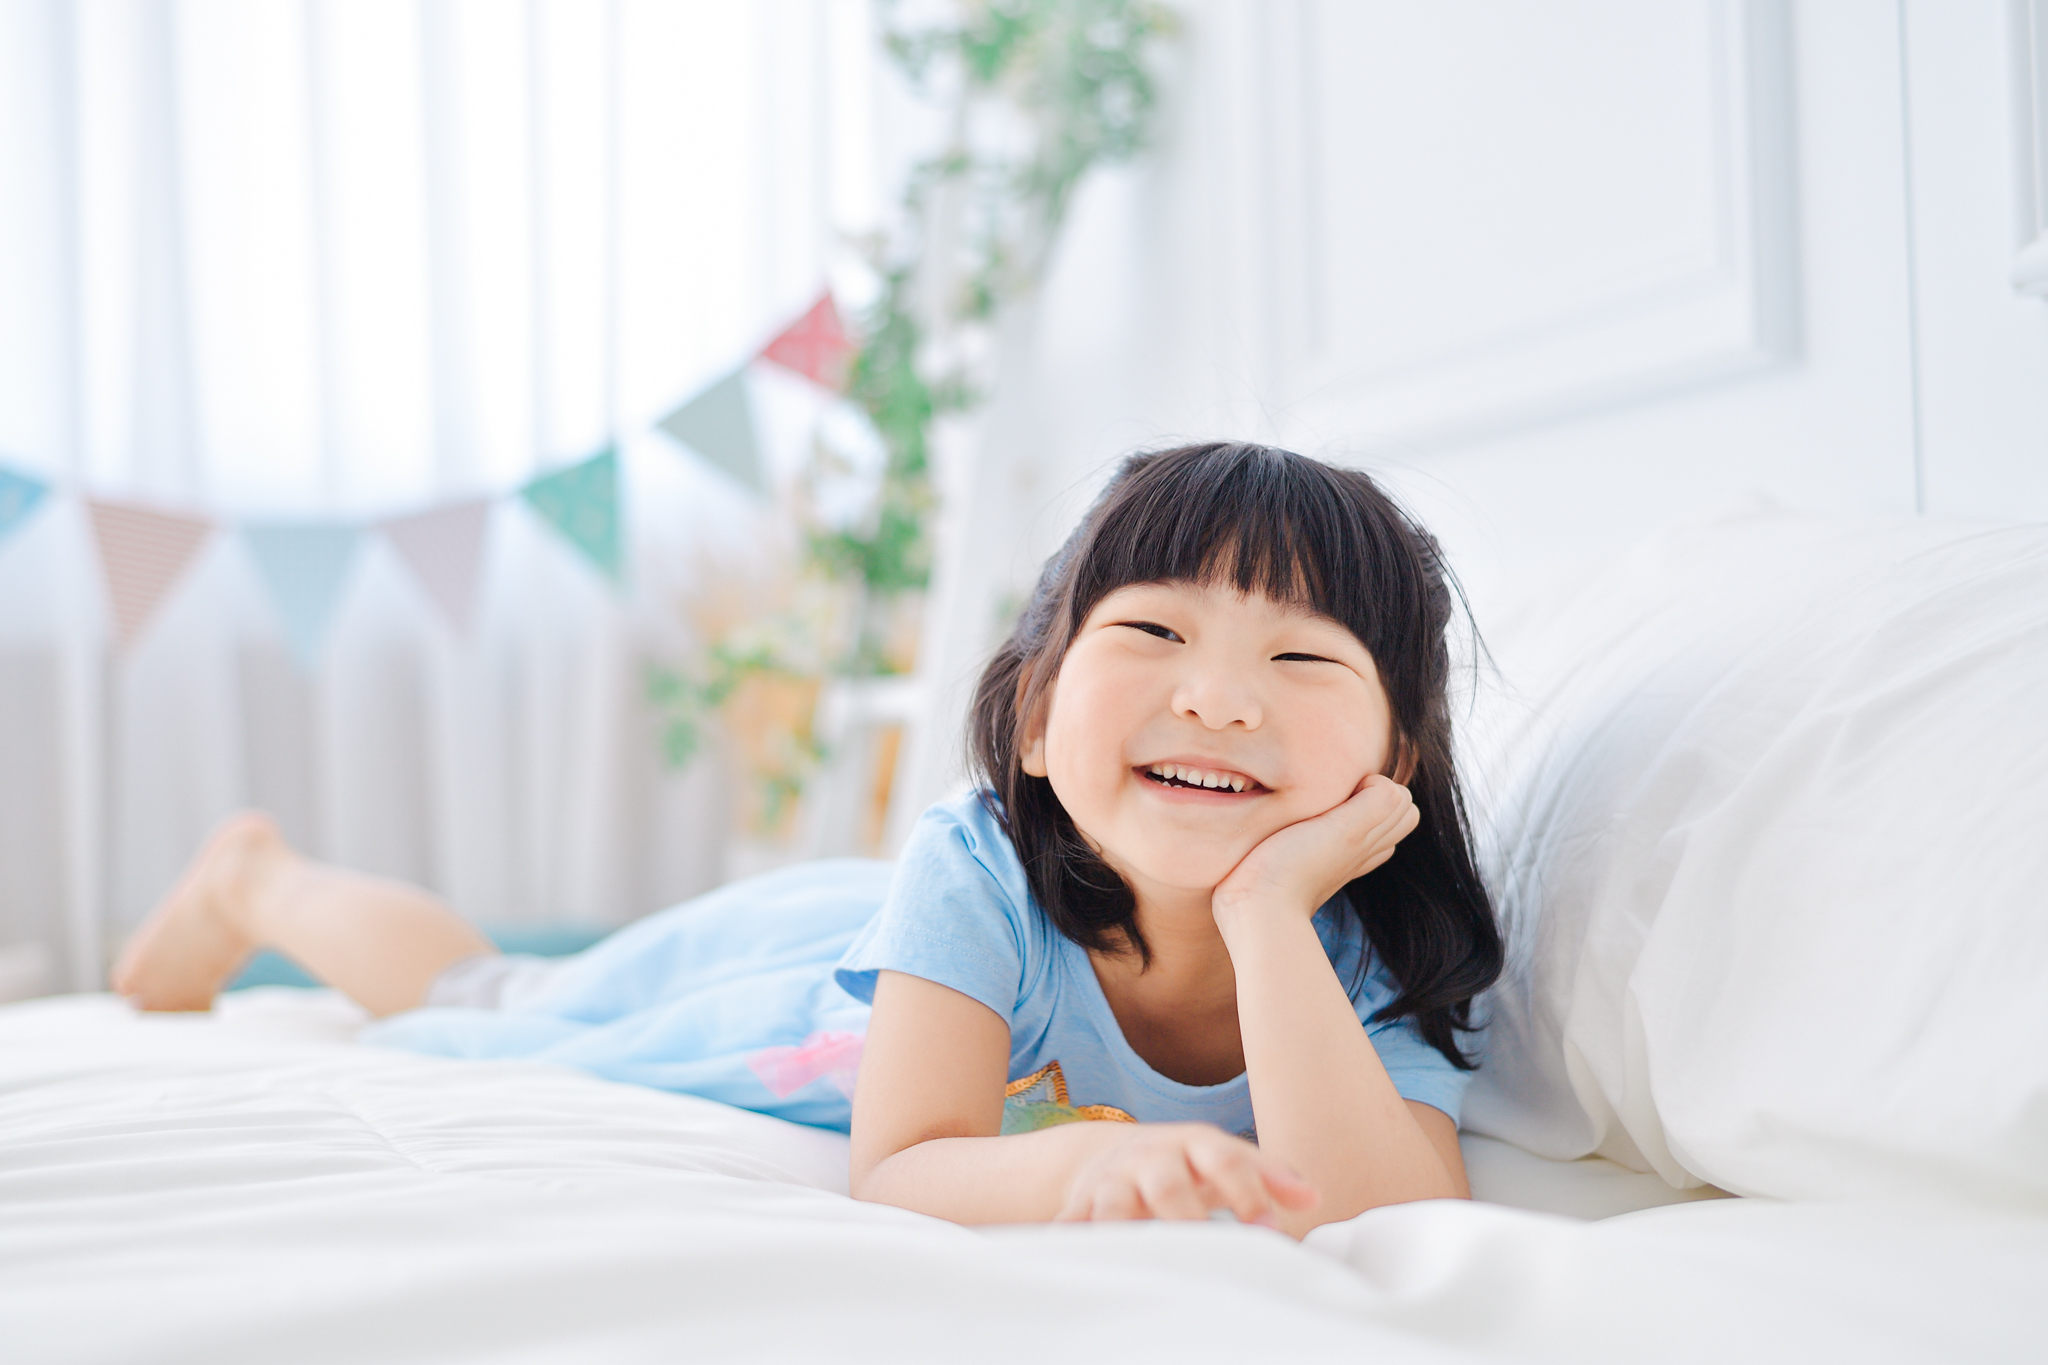 親子寫真,兒童寫真,新竹兒童寫真,推薦新竹兒童寫真,supercute竹北店,推薦兒童寫真